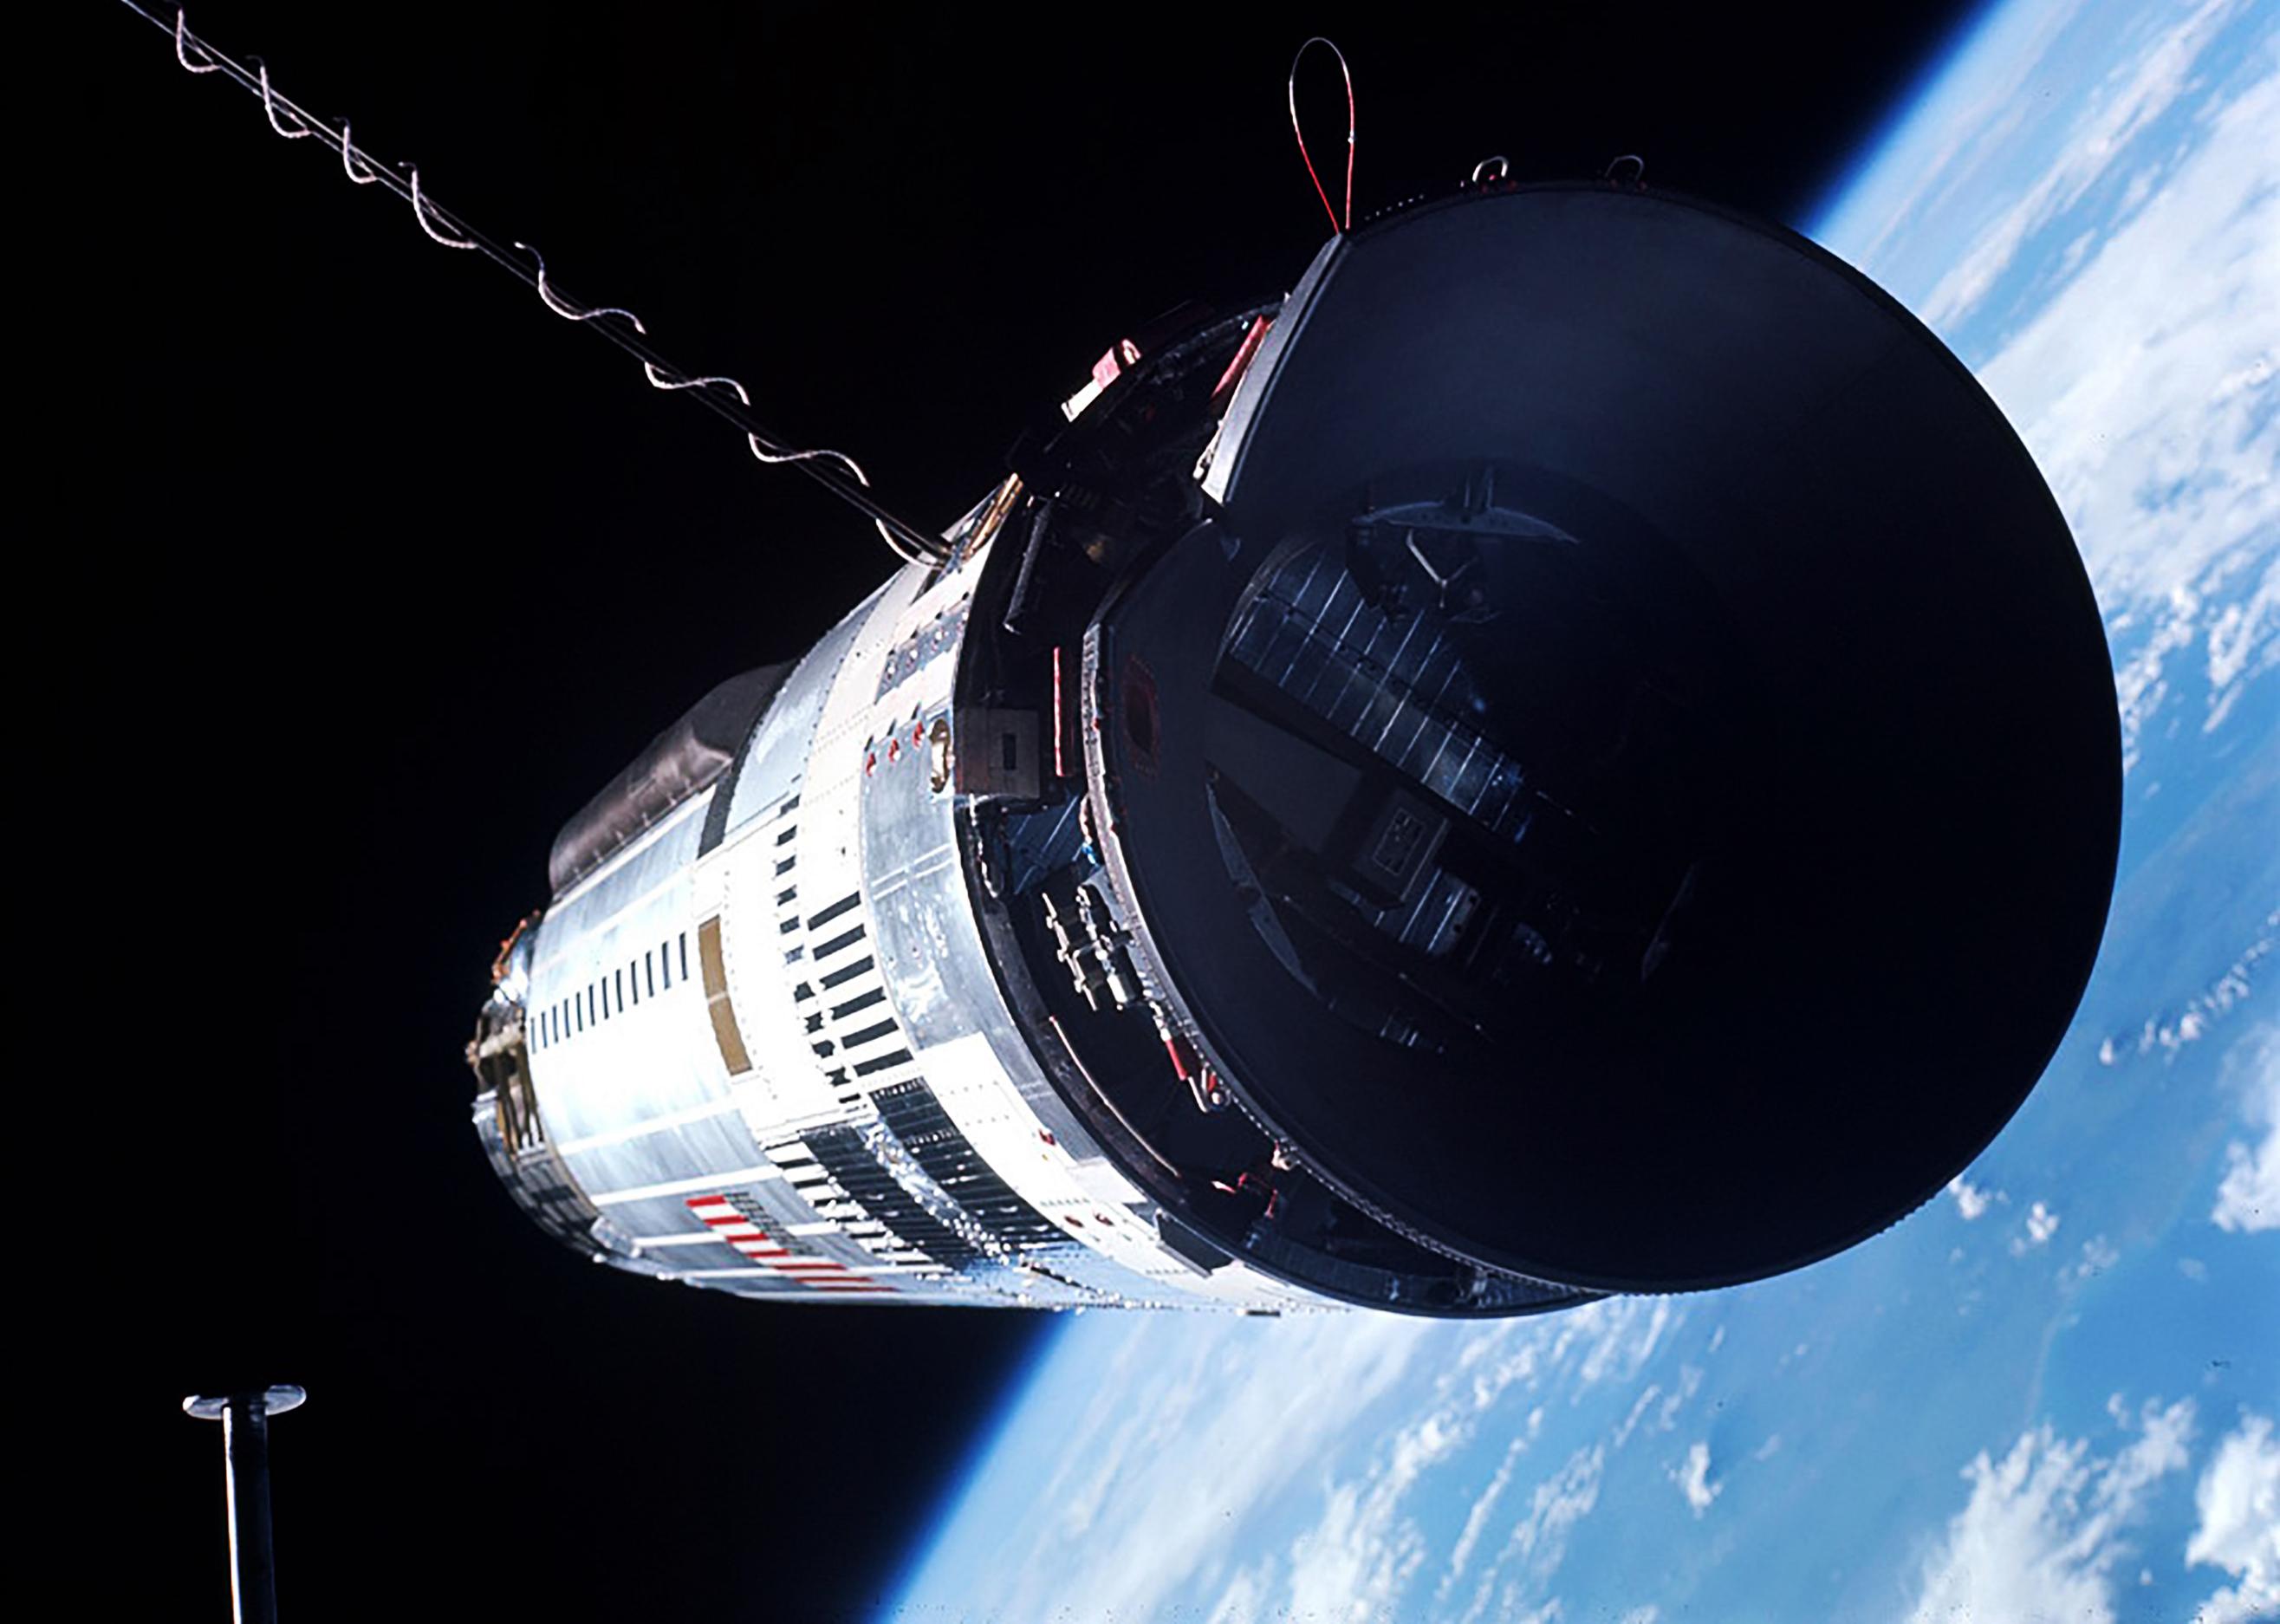 gemini 4 spacecraft documents - photo #17